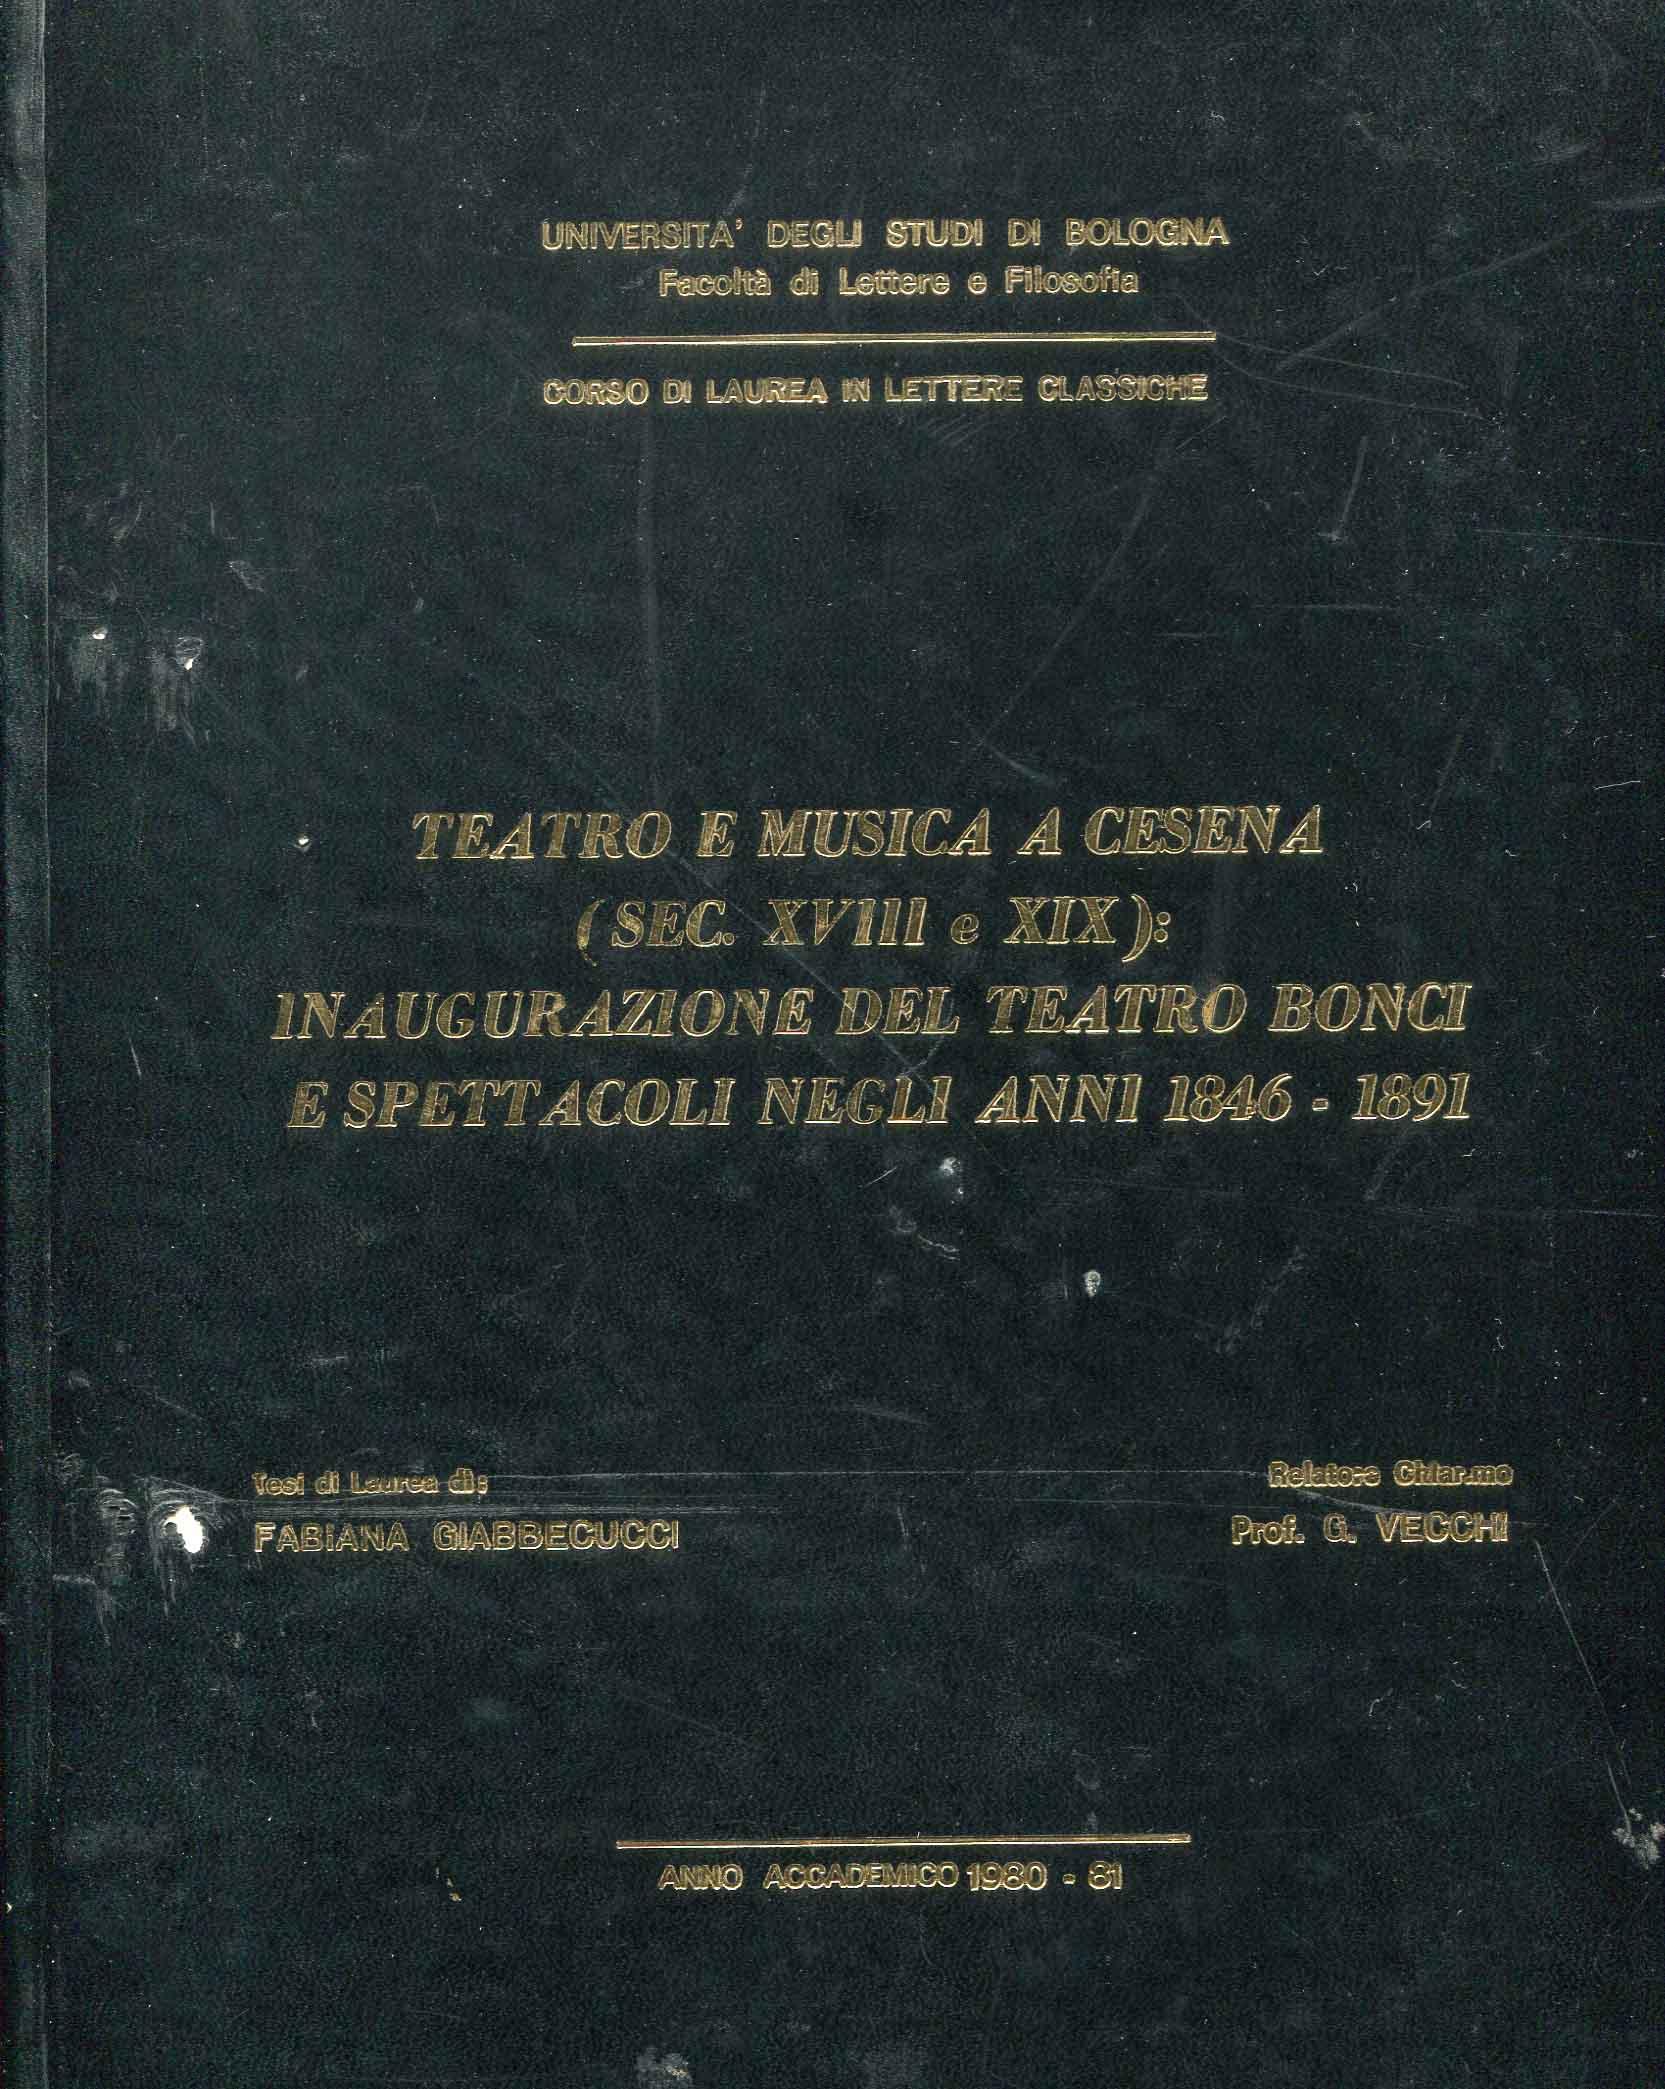 Teatro e musica a Cesena (sec. 18-19.) : inaugurazione del teatro Bonci e spettacoli negli anni 1846-1891